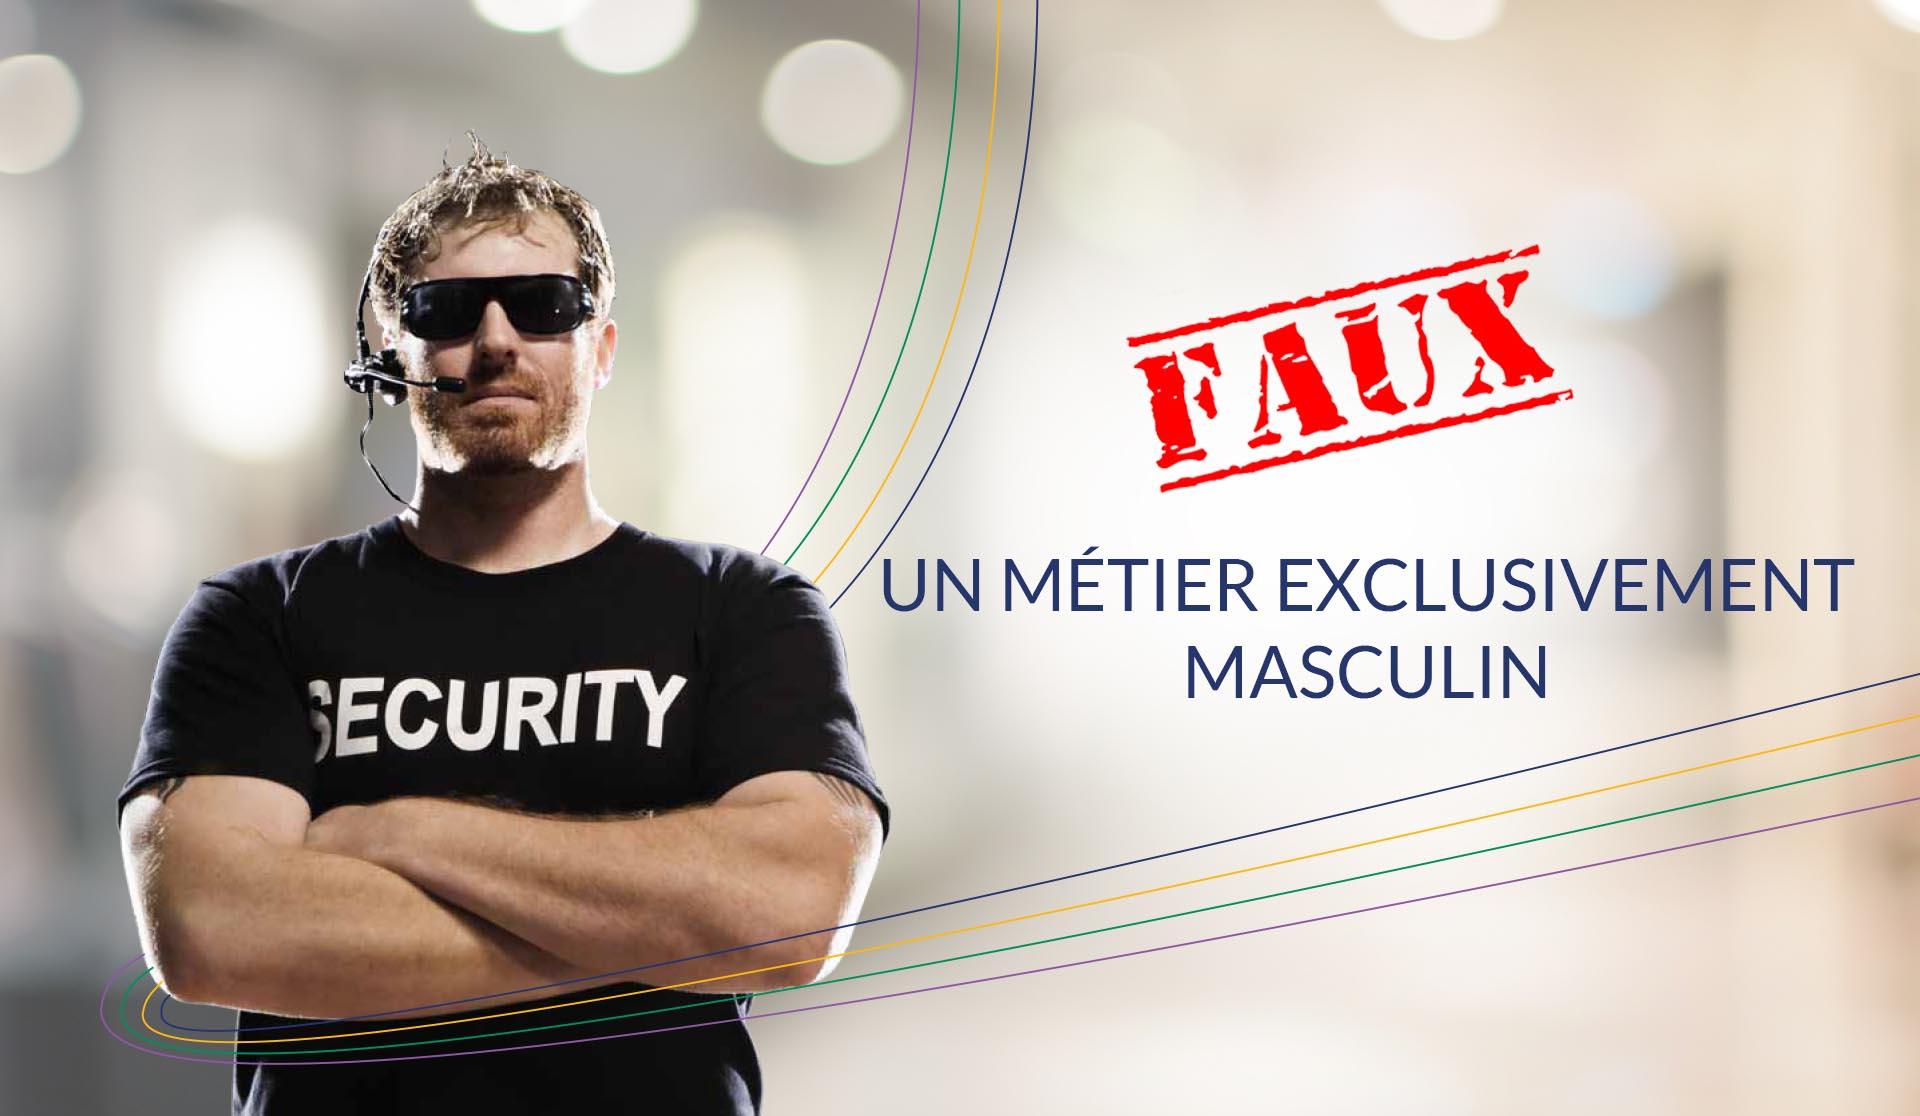 Byblos maroc group des professionnels de la sécurité à votre service !